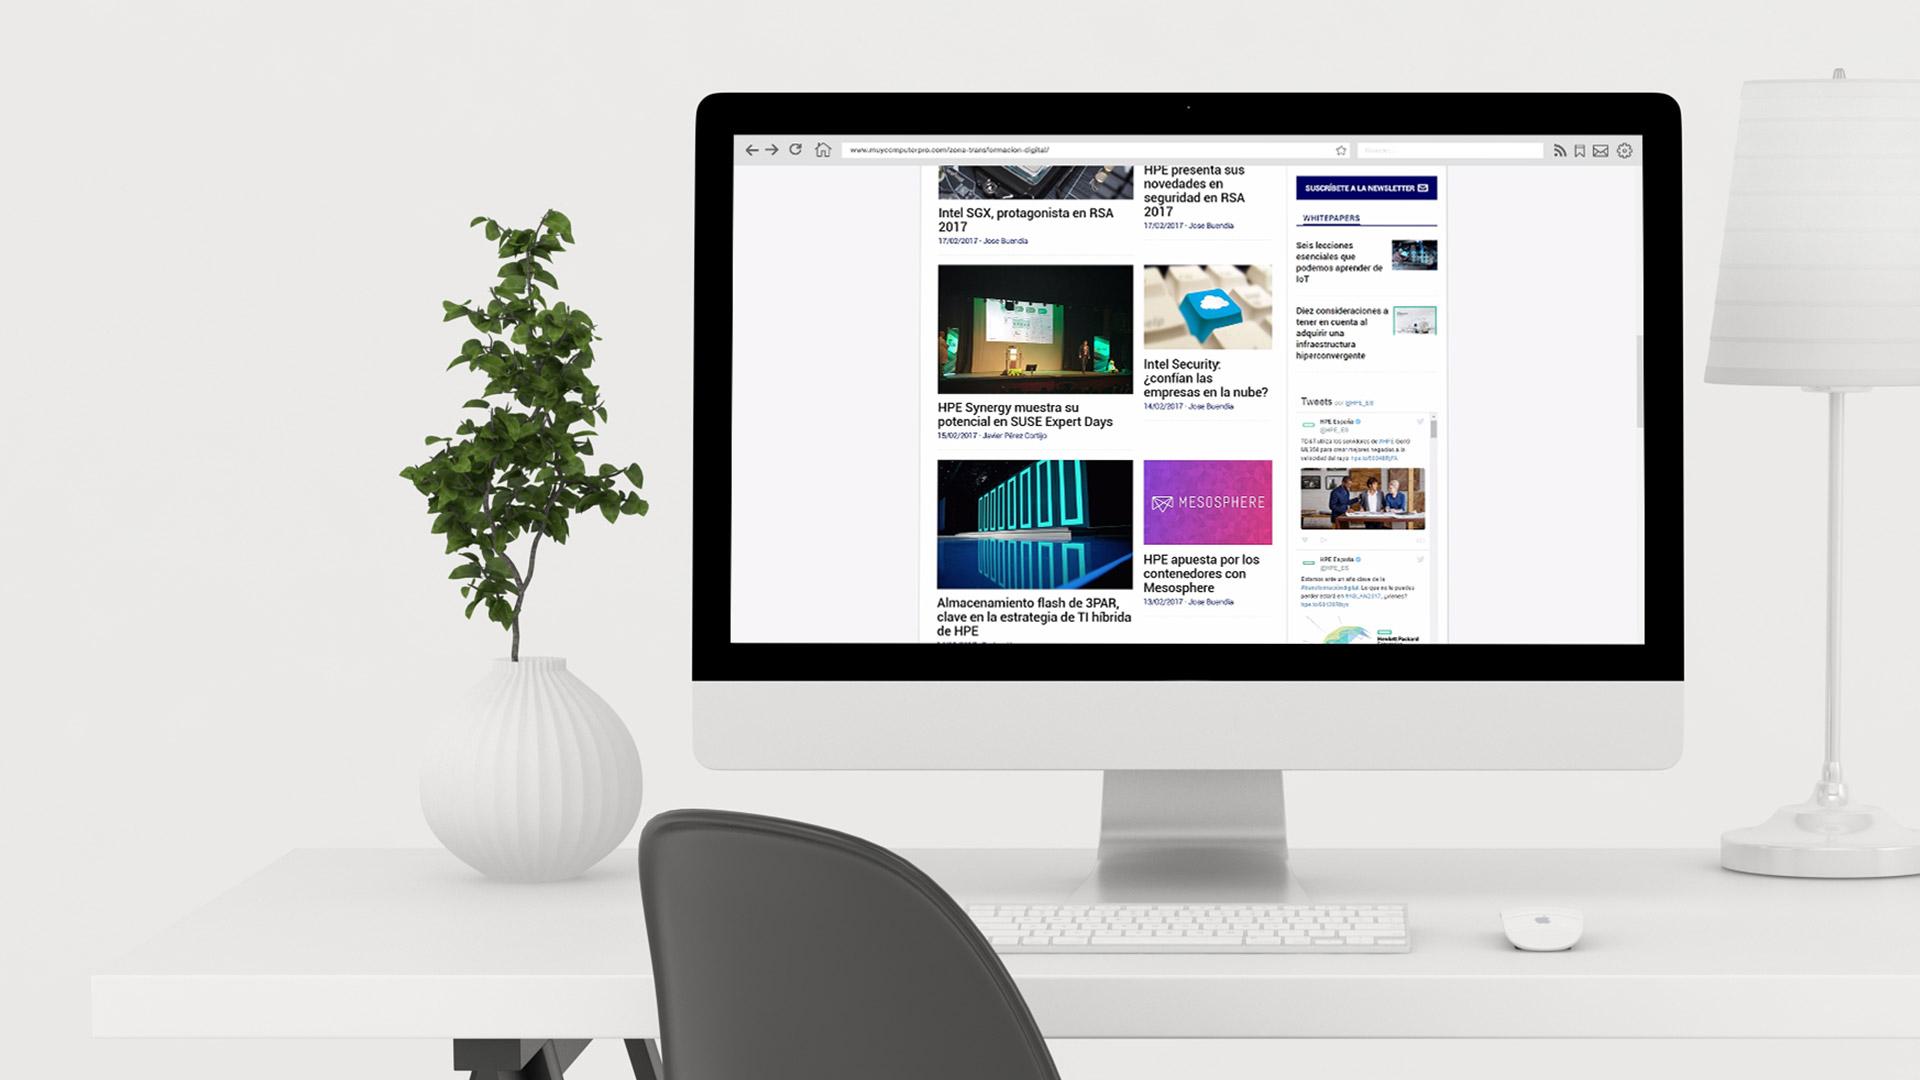 zona-hp-transformacion-digital-content-marketing-web-patrocinio-03